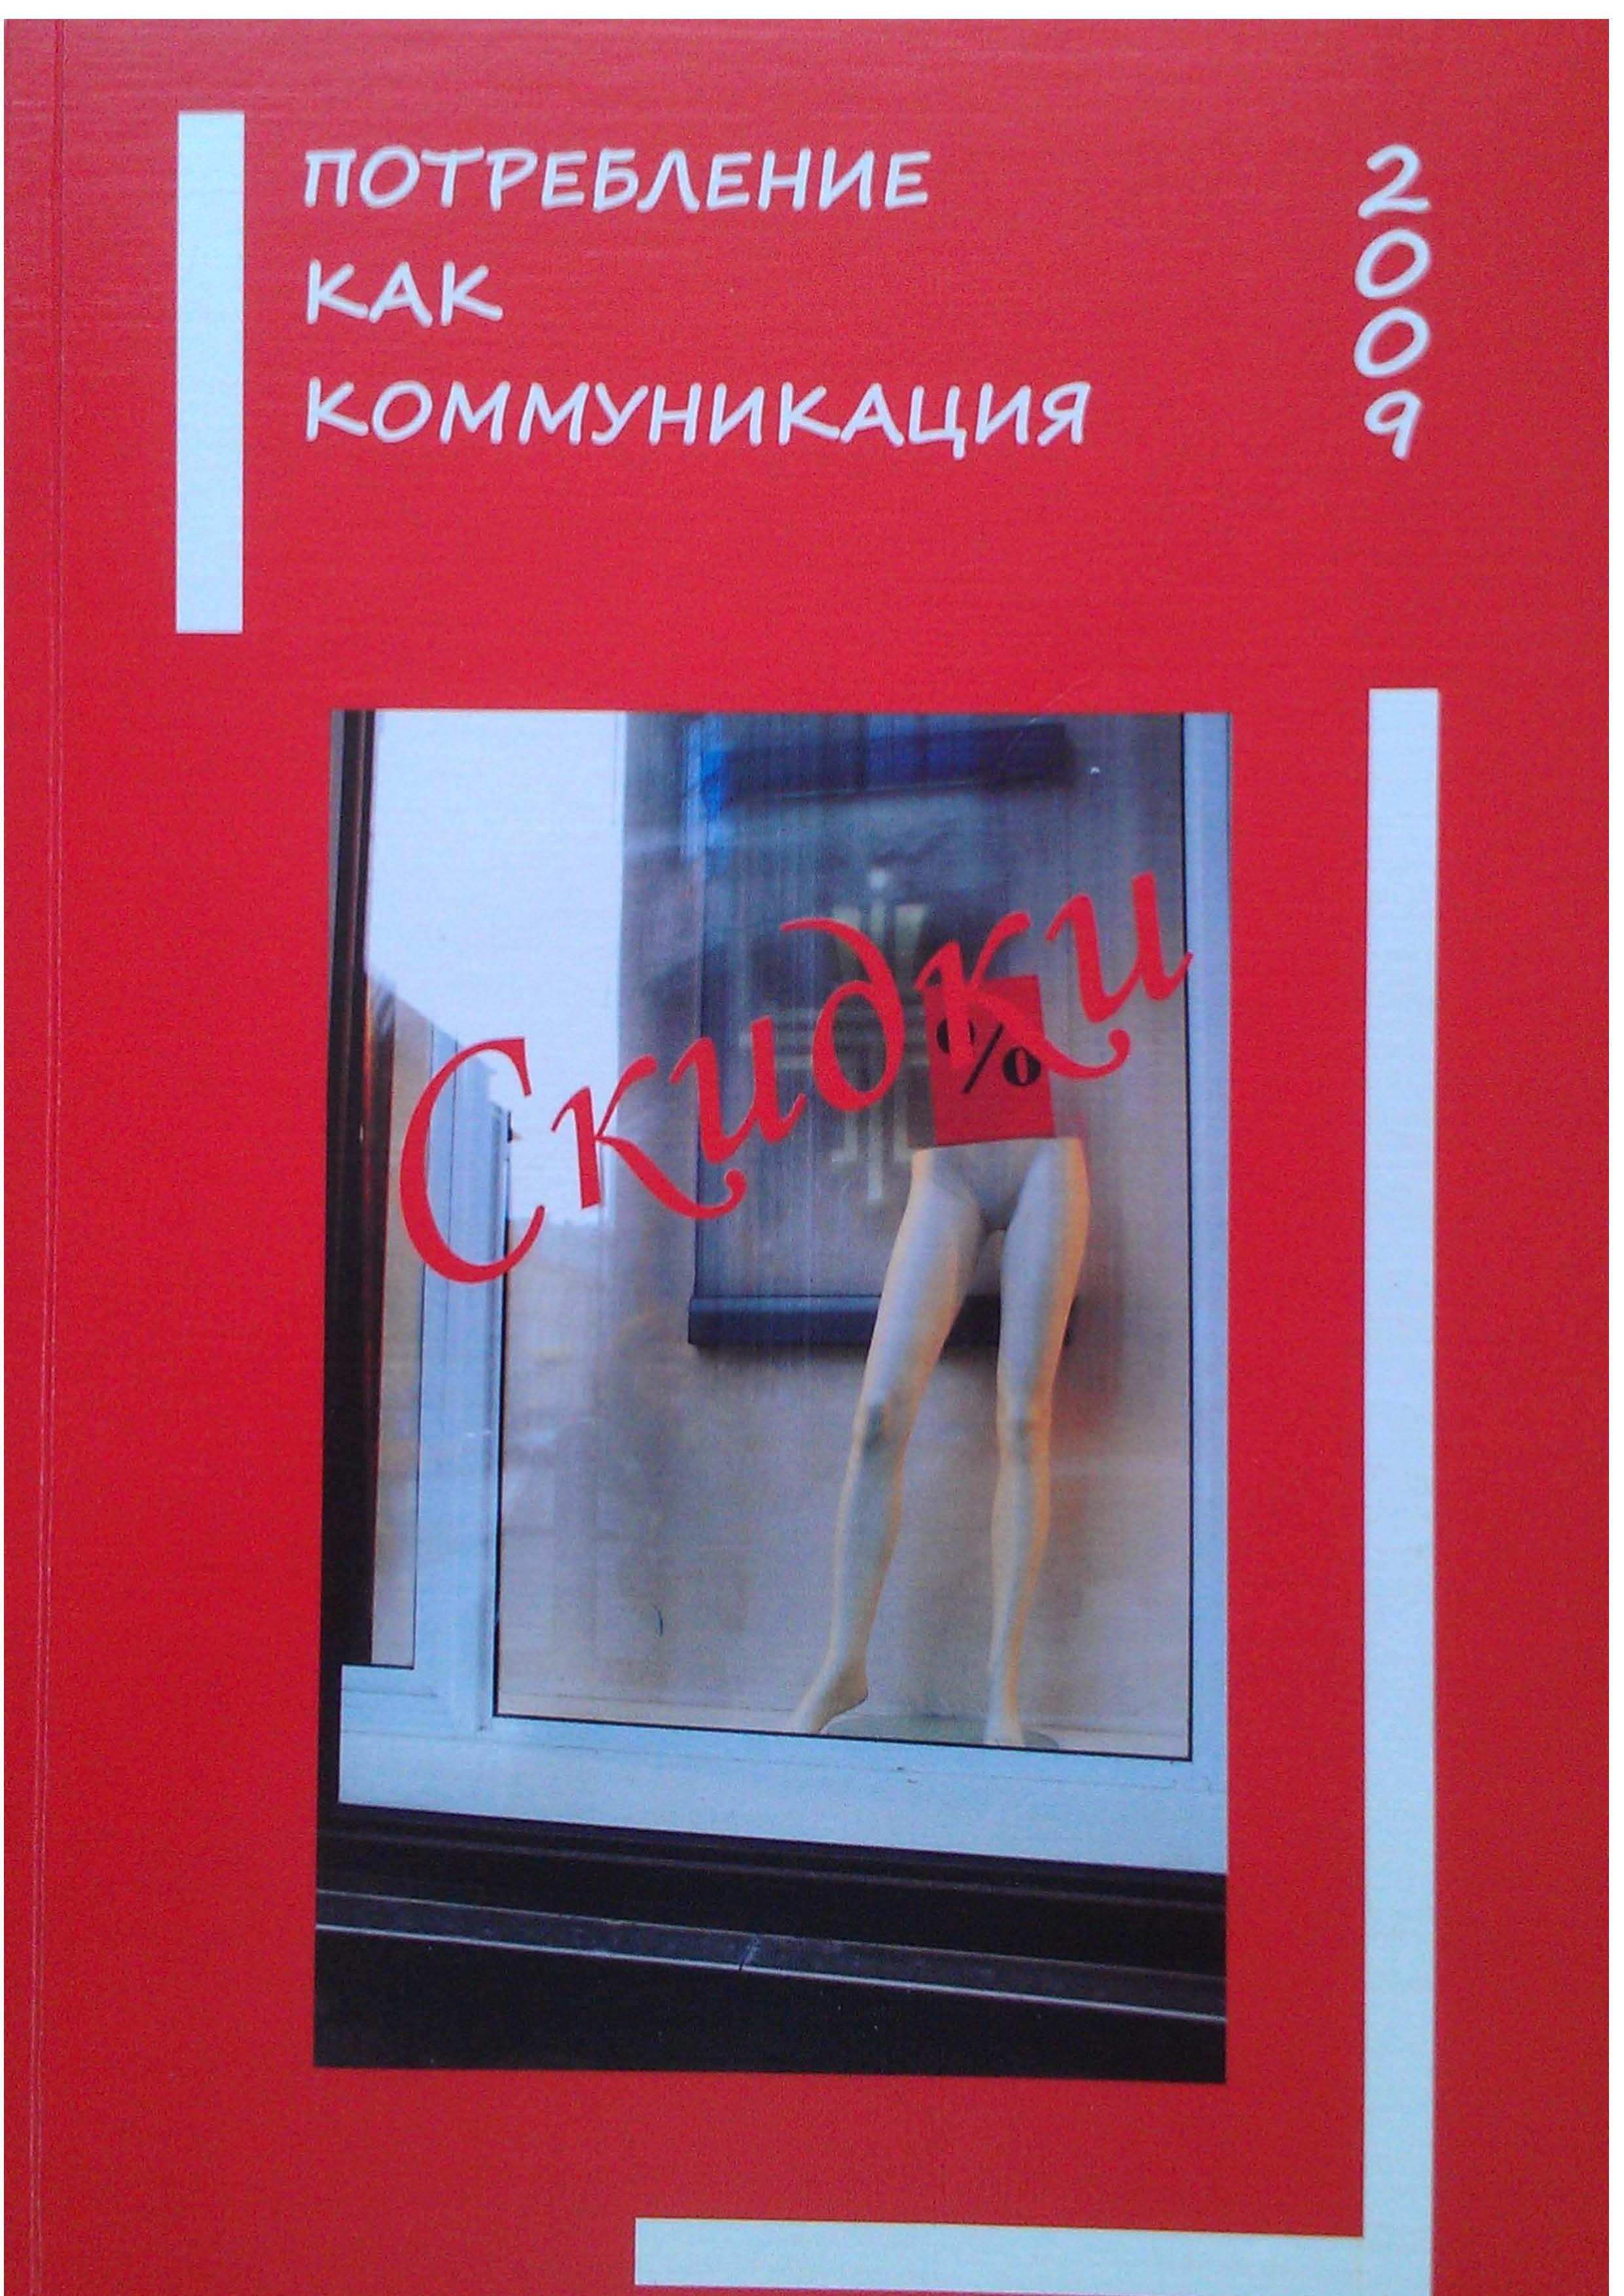 Роль бренда в формировании потребительского поведения женщин (на примере брендов Milavitsa, Incanto, Intimissimi, Palmetta)